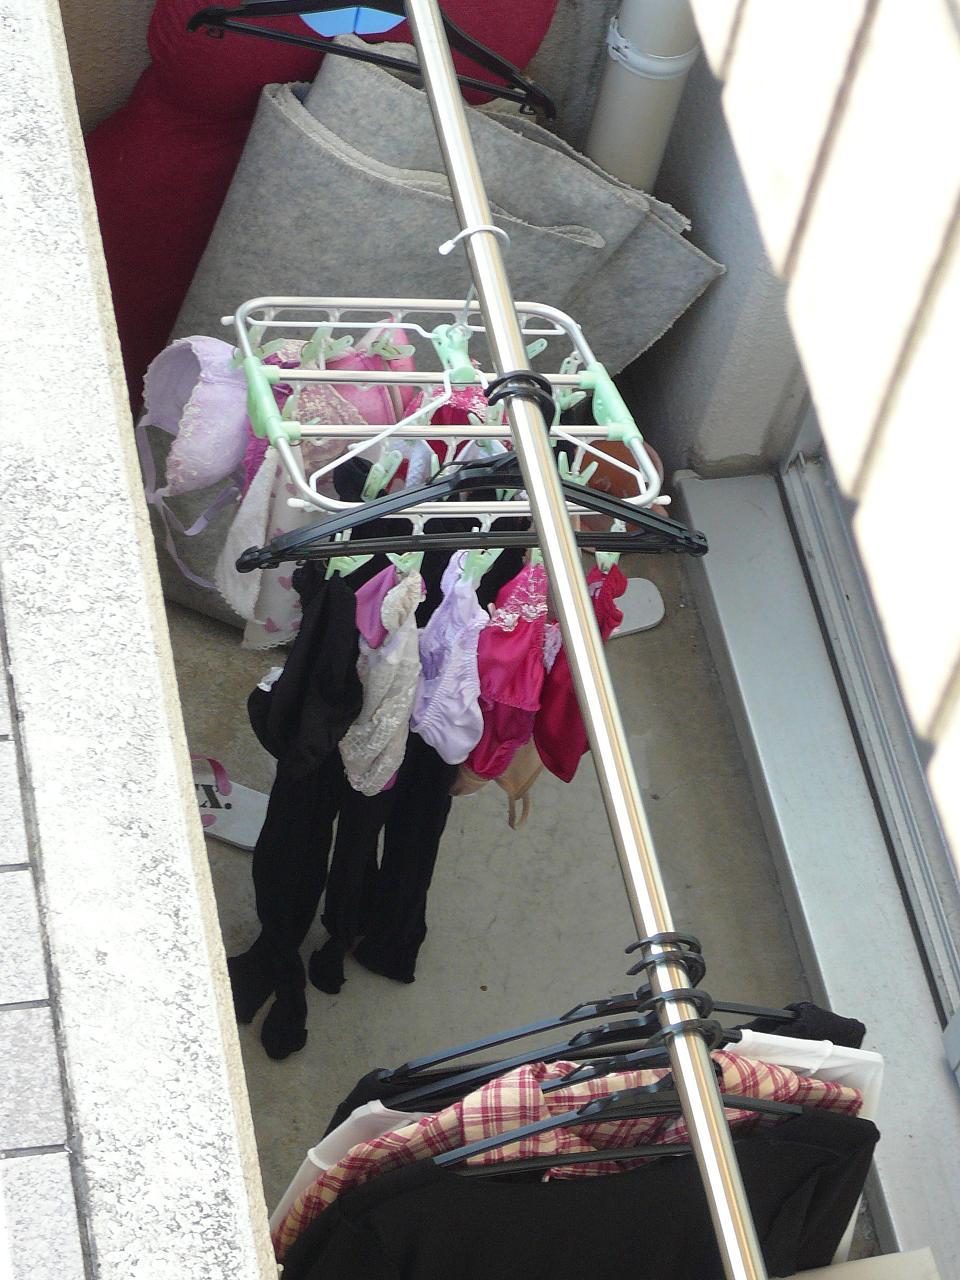 jk妹の制服ブラウスとブラジャーベランダの下着盗撮エロ画像6枚目